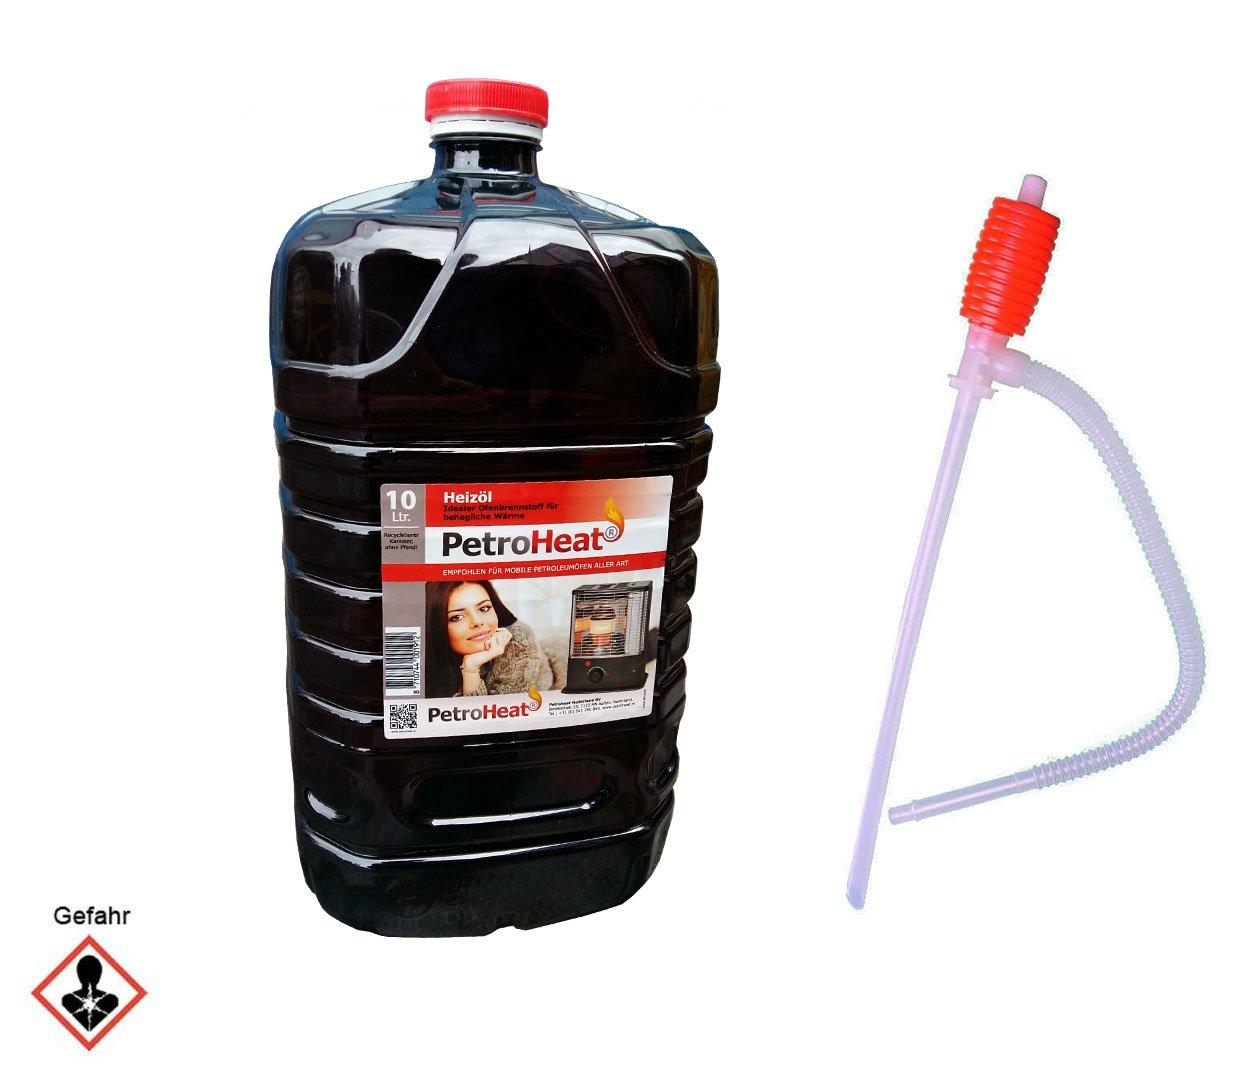 Petroleum 10 L Liter Kanister inkl. Handpumpe Brennstoffpumpe für Petroleumofen Heizofen geruchsarm 20 CAGO